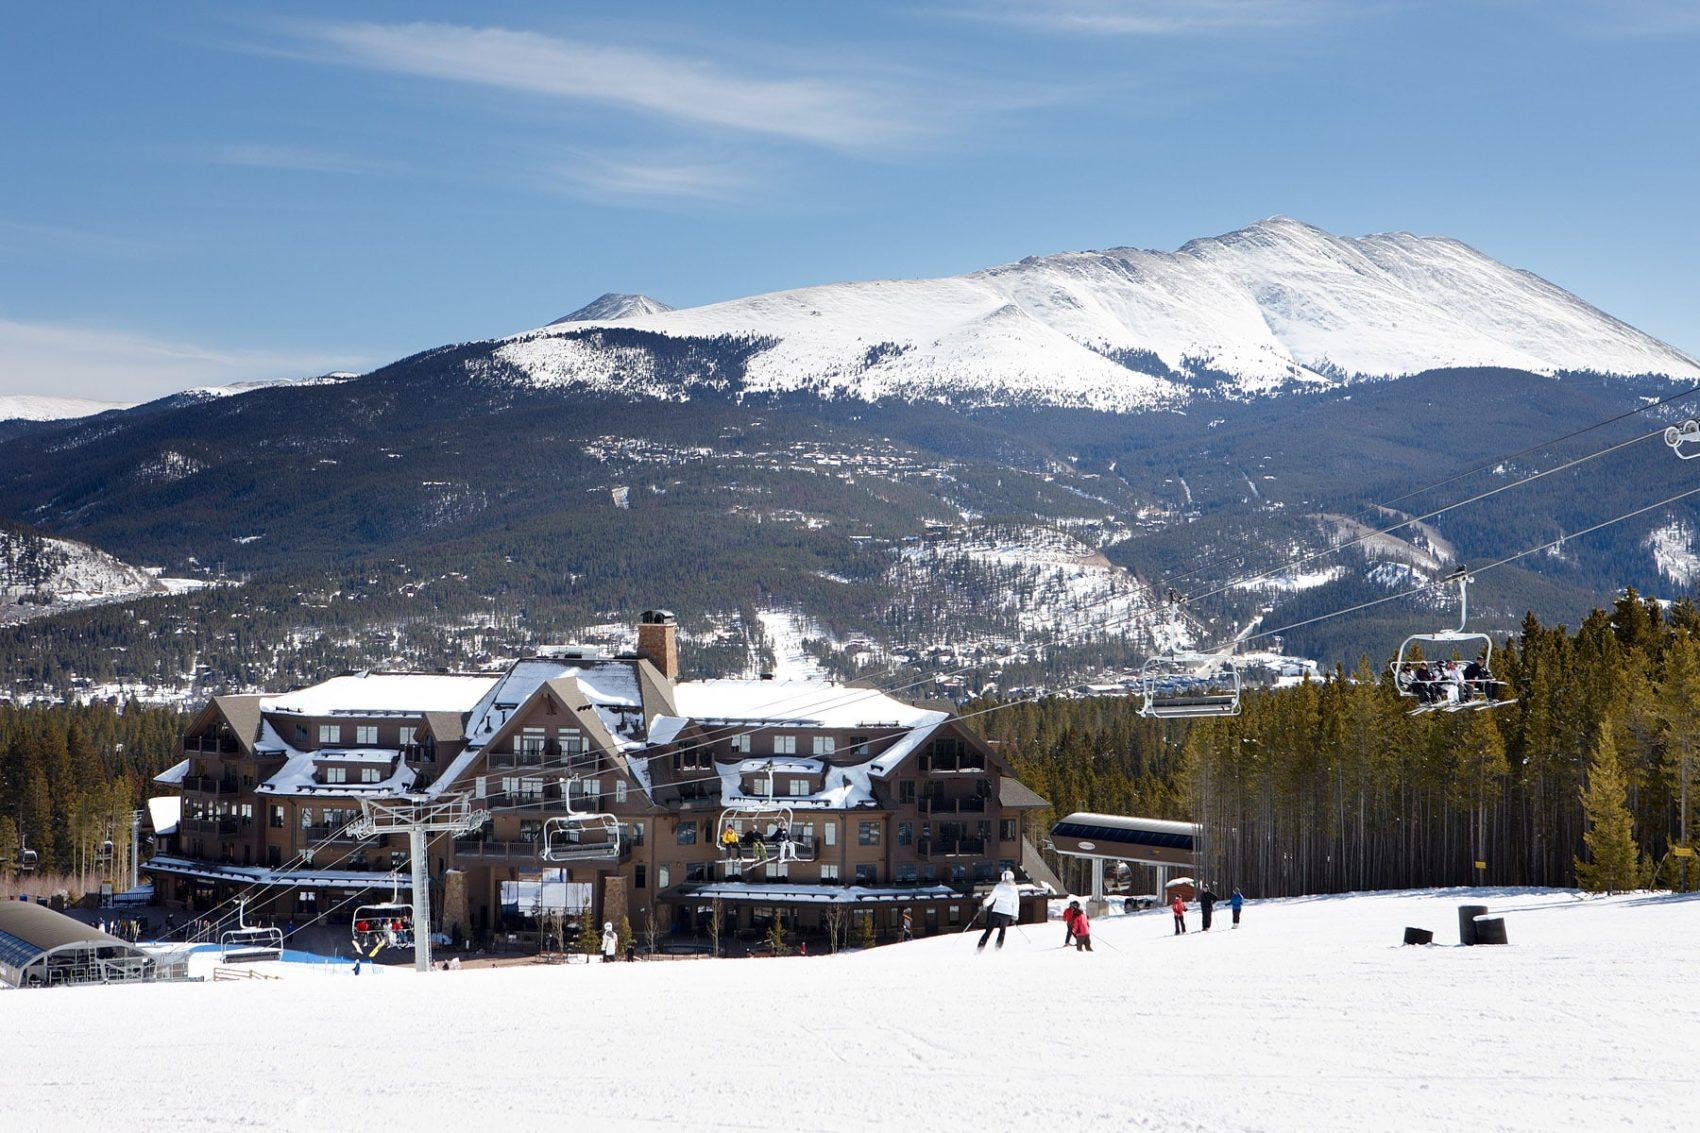 vail resorts, Breckenridge, Colorado